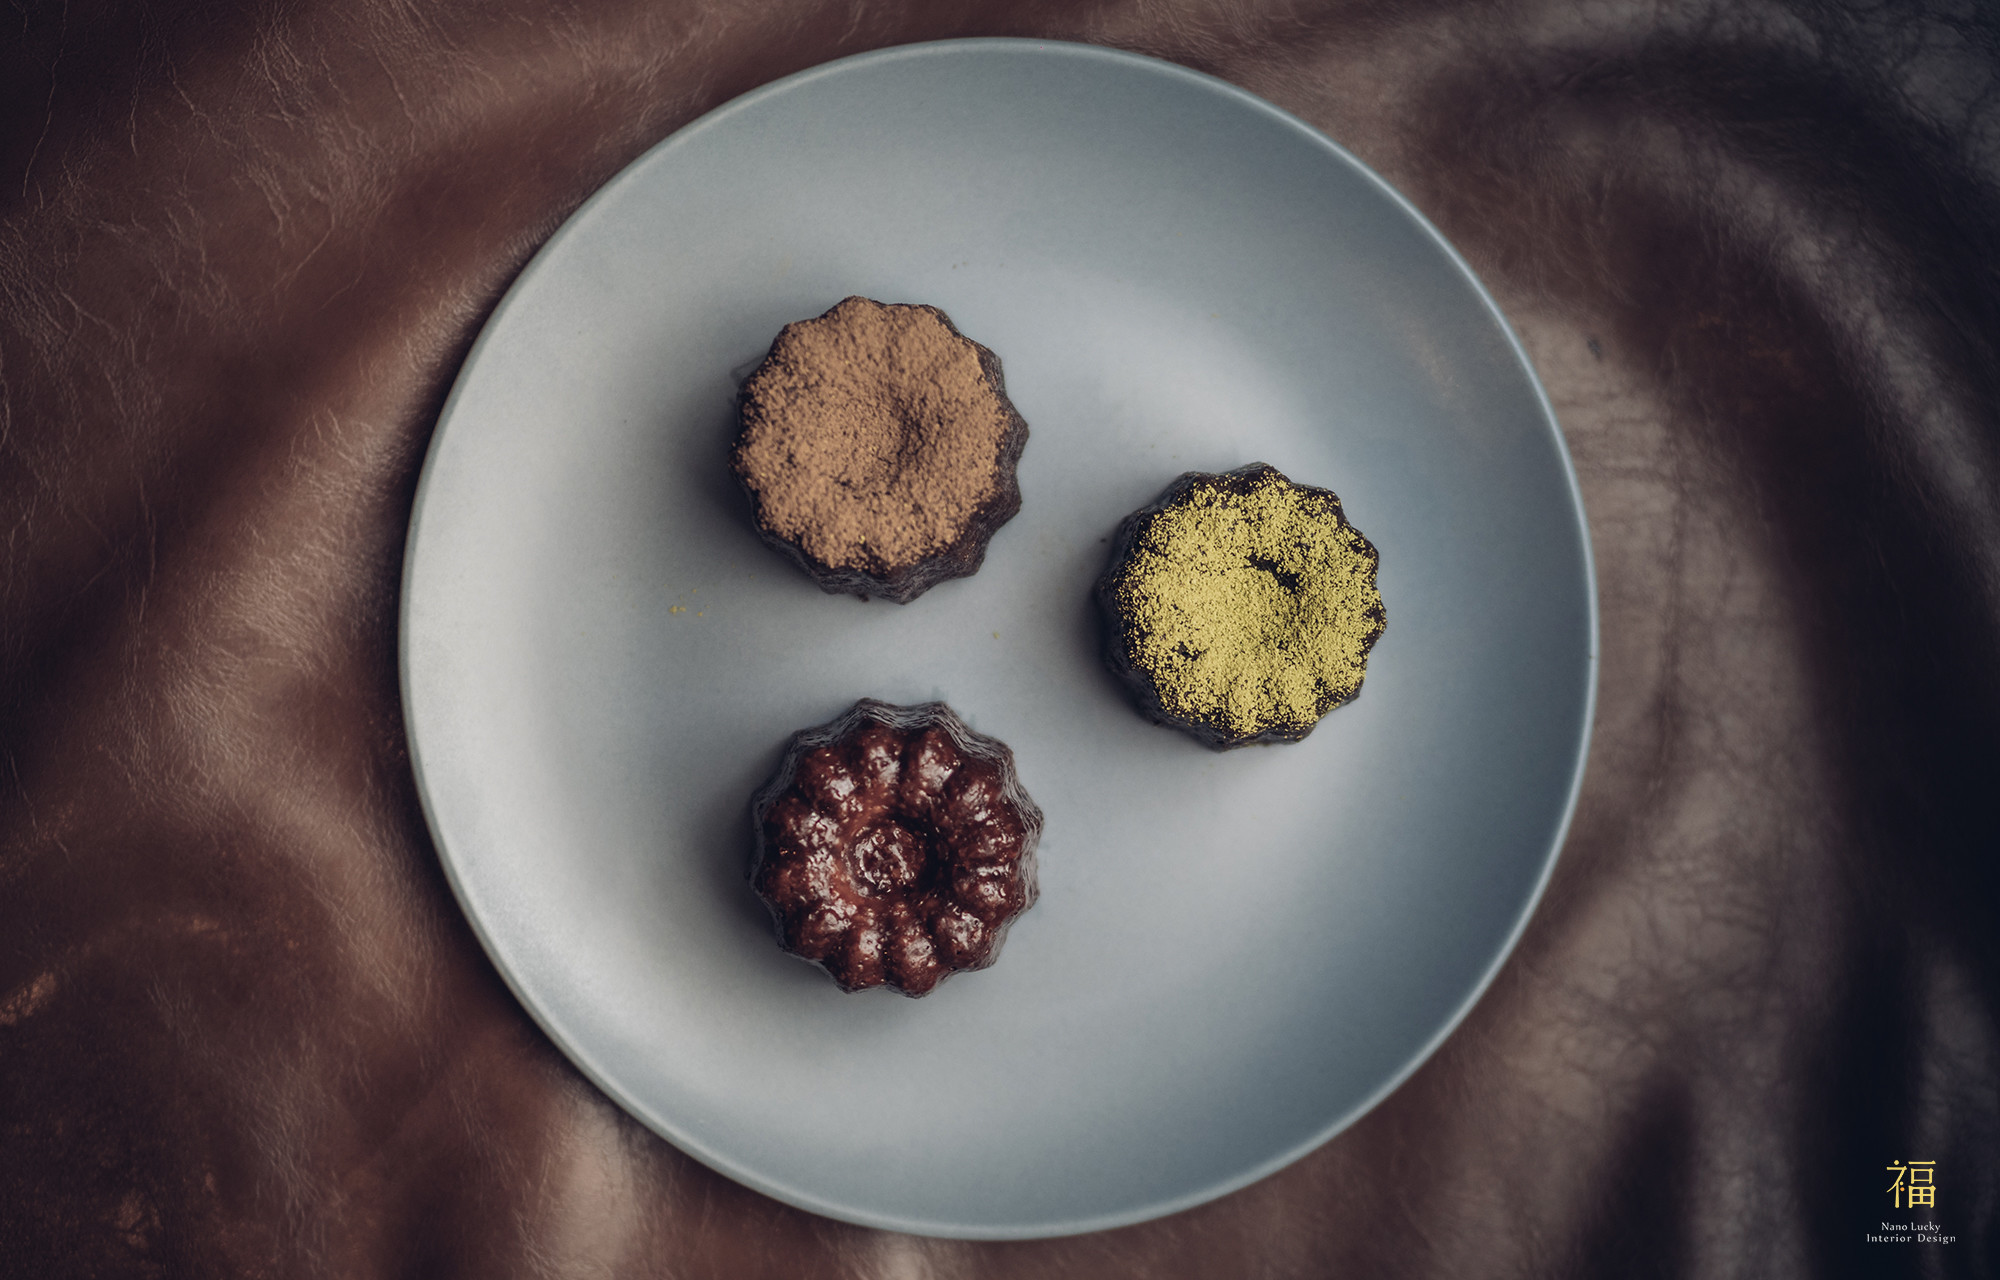 玖零甜食所嘉義可麗露專賣店-不定期限量口味|小福砌商業甜點空間設計